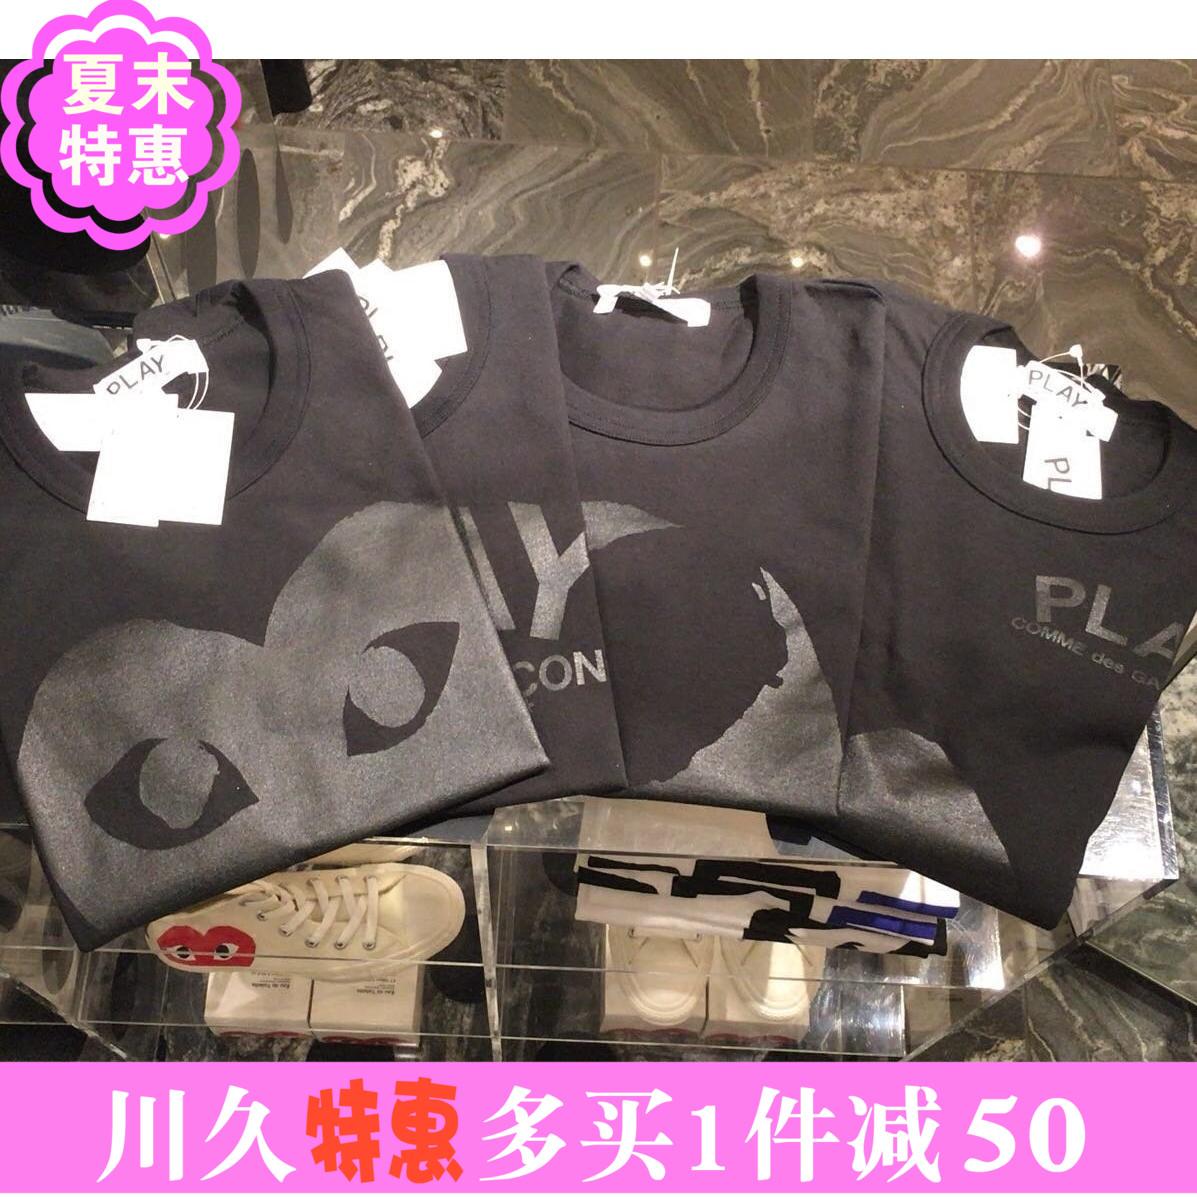 金实佳日本代购 川久保玲CDG play 黑色黑心 多款男女 短袖T恤